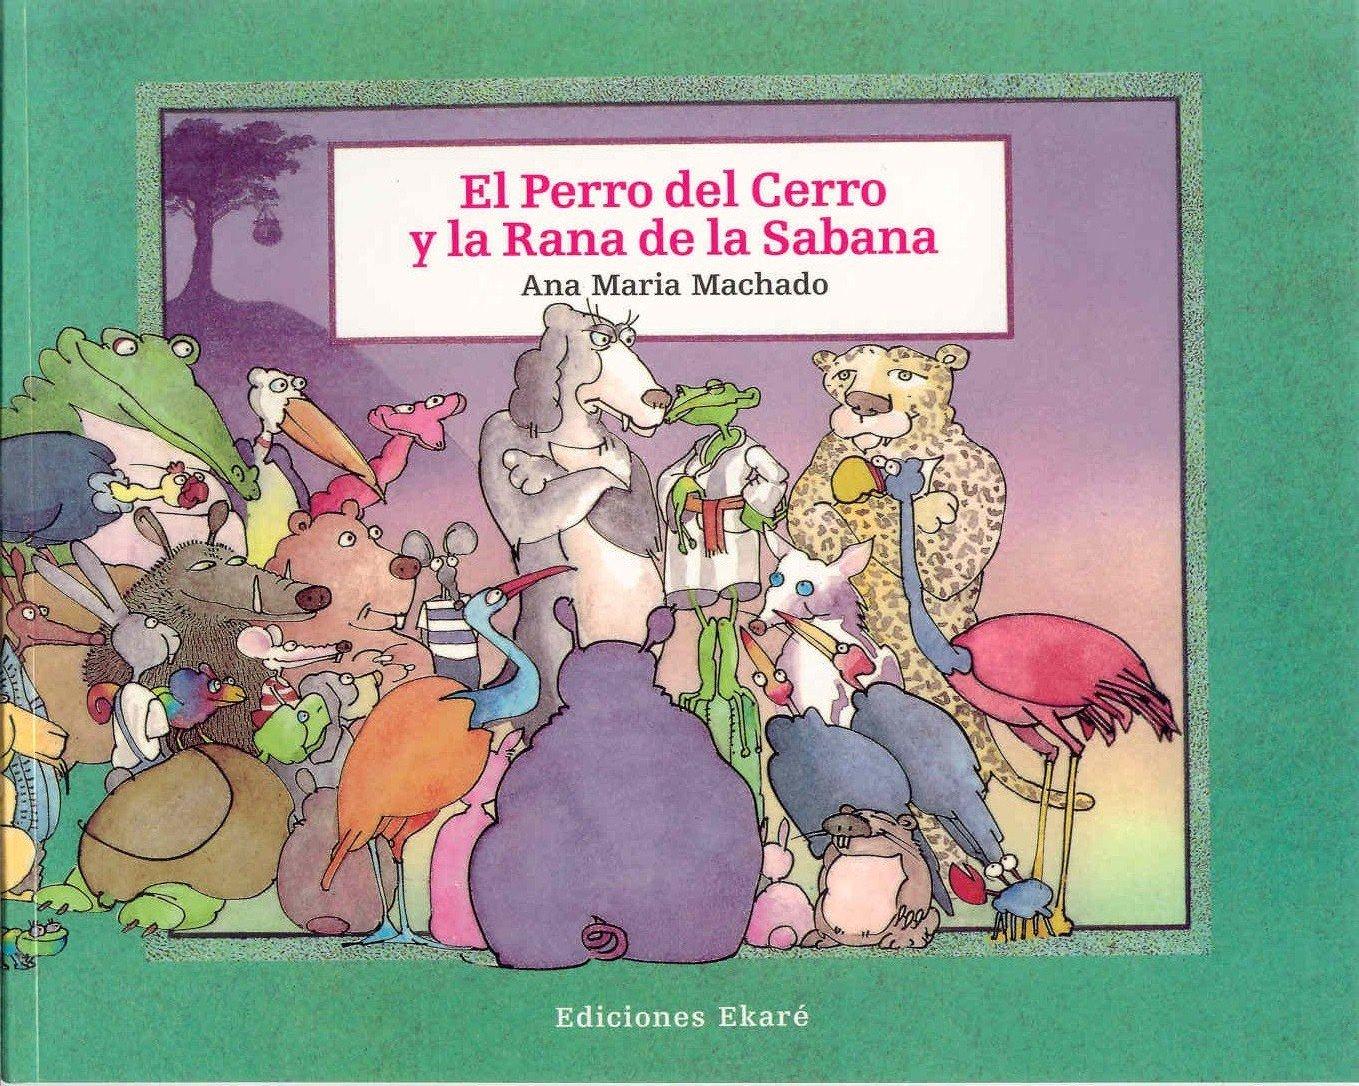 El perro del cerro y la rana de la sabana (Spanish) Paperback – January 1, 1986